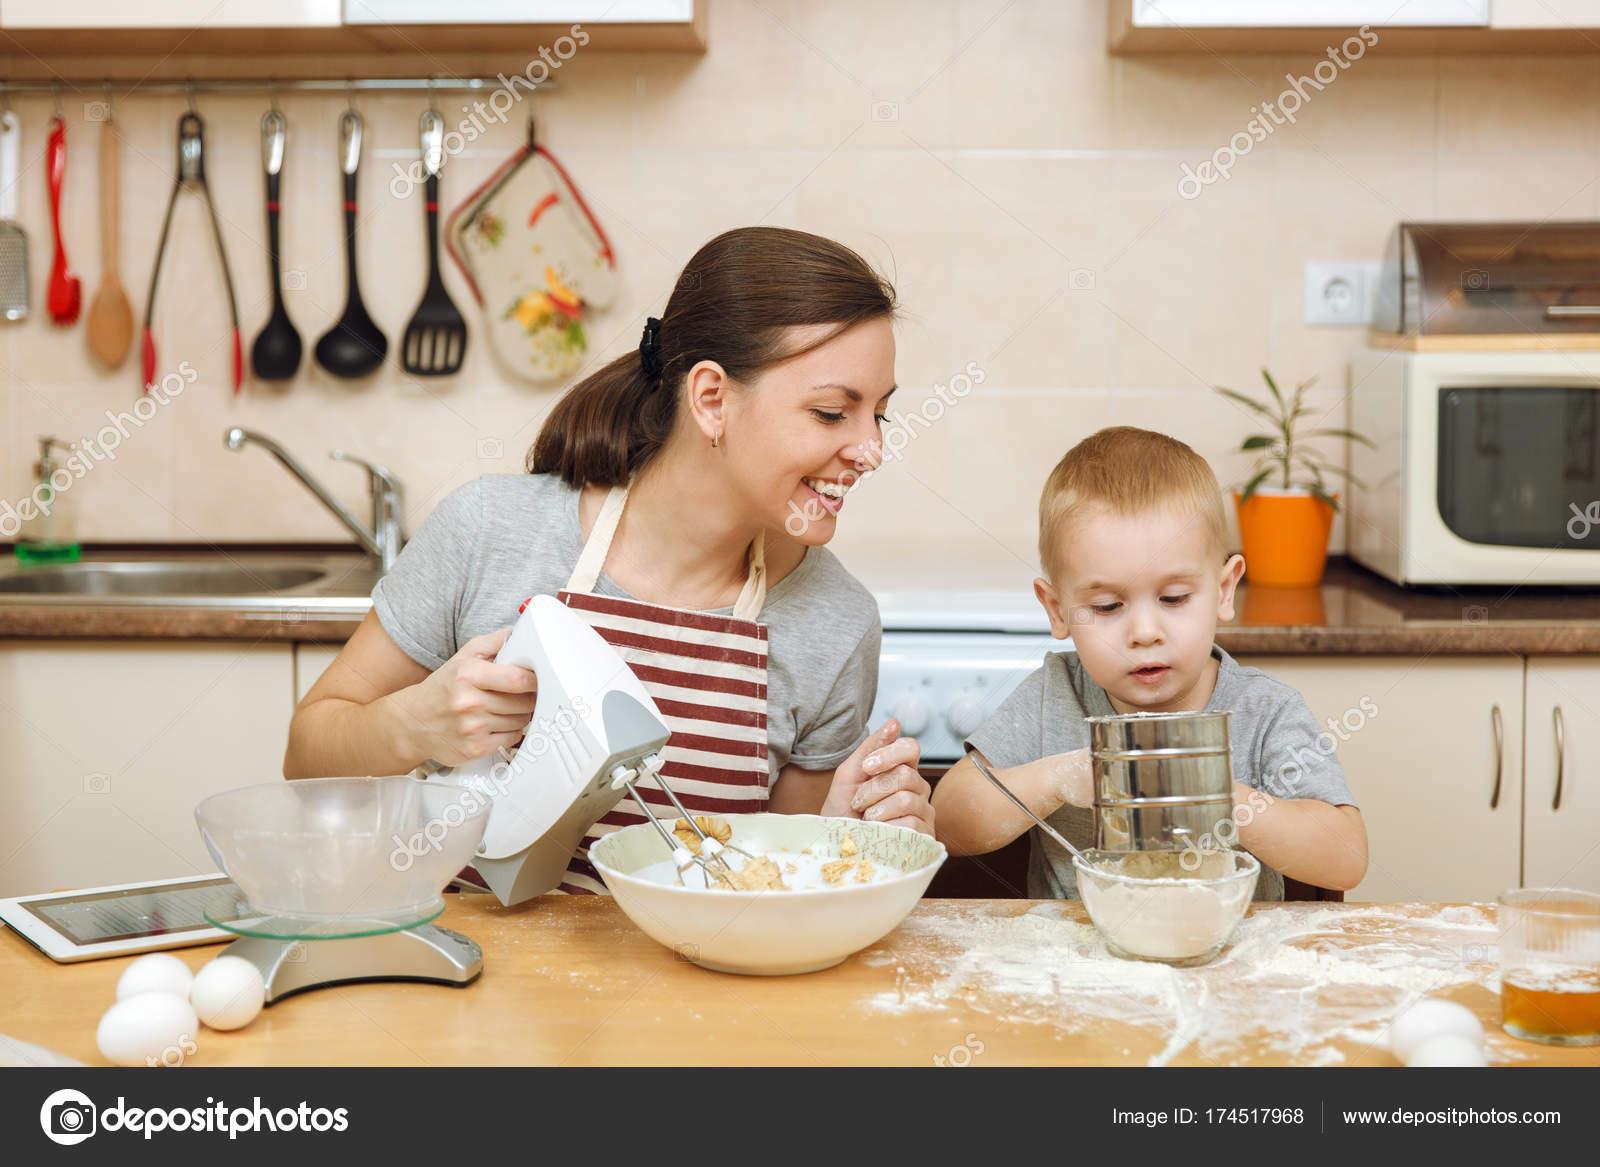 koken voor kind 2 jaar